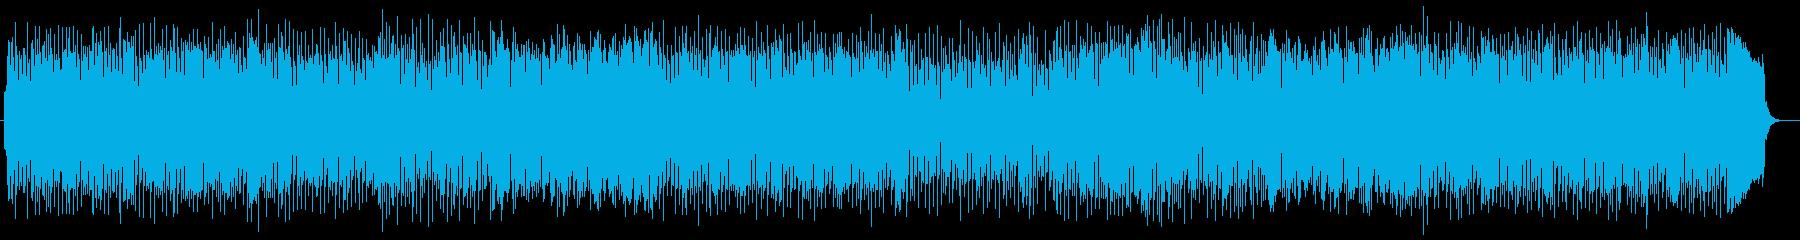 明るく爽快なシンセサイザーサウンドの再生済みの波形